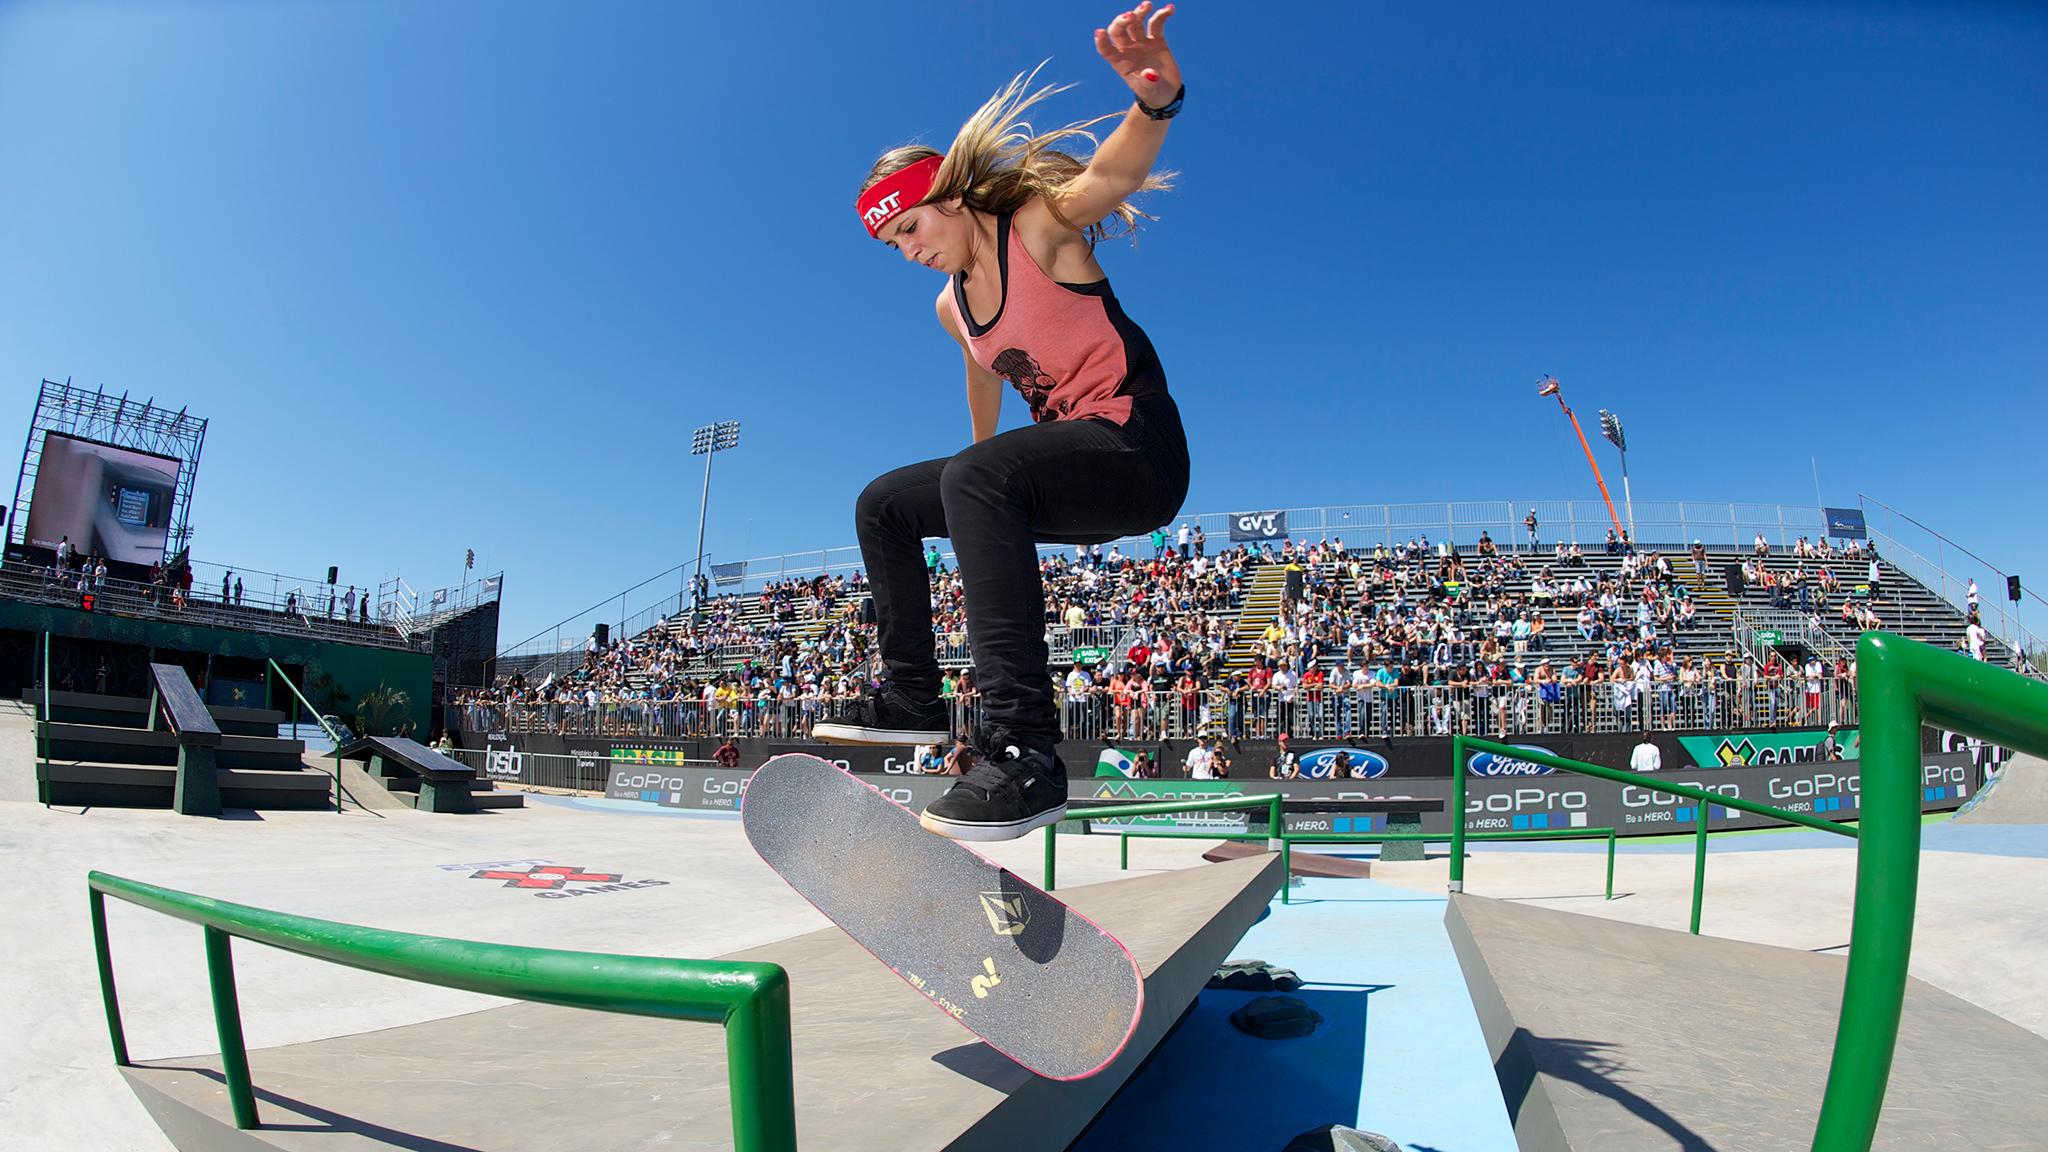 X Games  Skateboarding Park